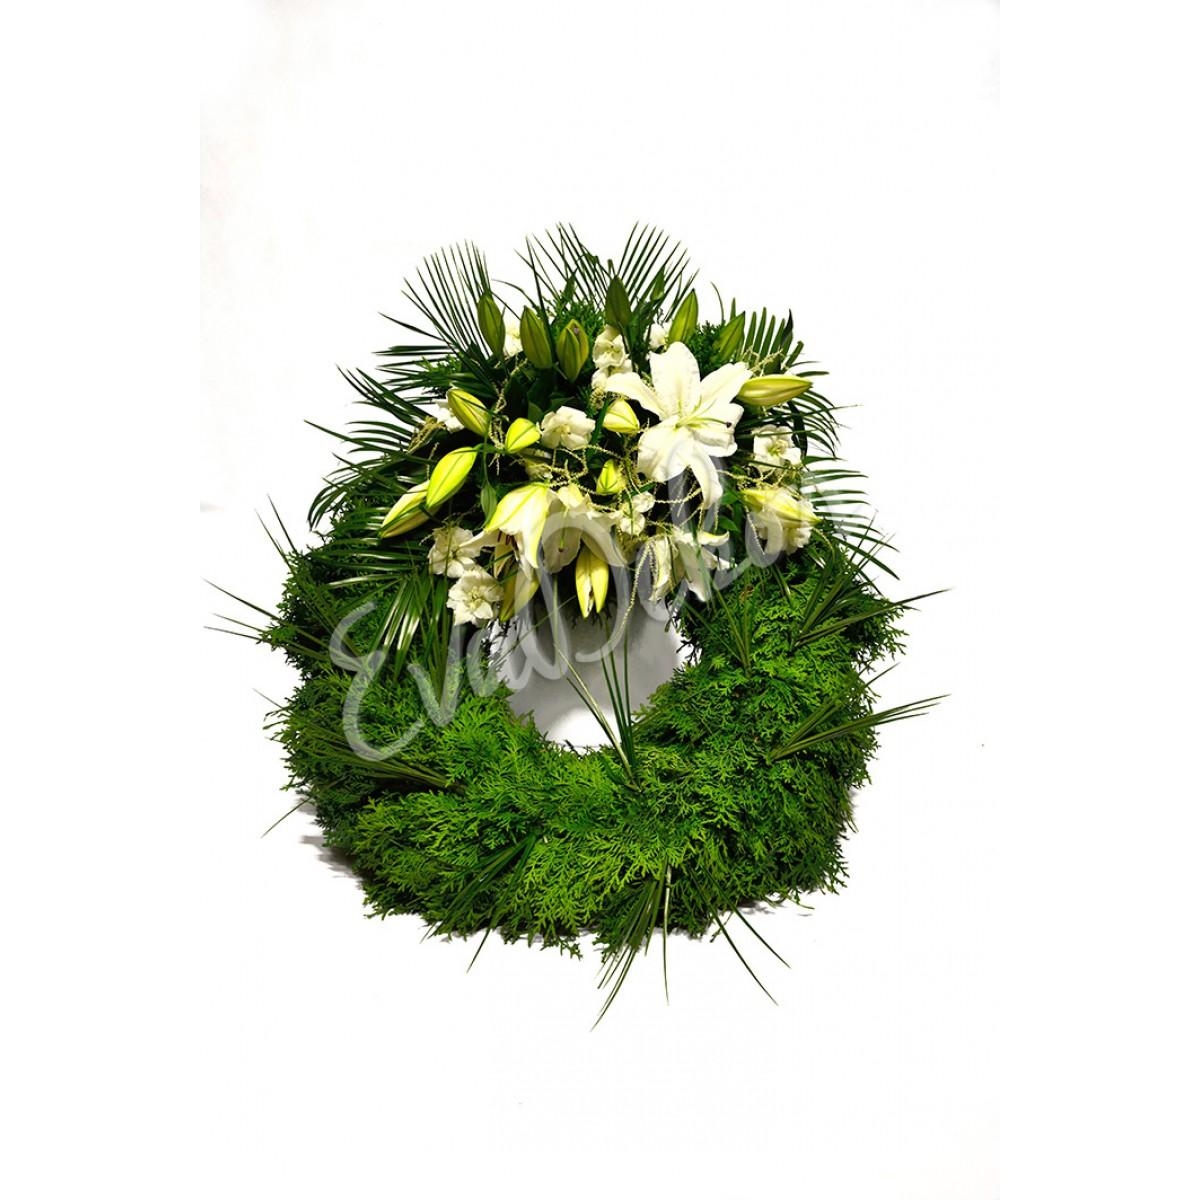 Smuteční věnec Bílé lilie - EvaDekor.cz rozvoz květin Praha